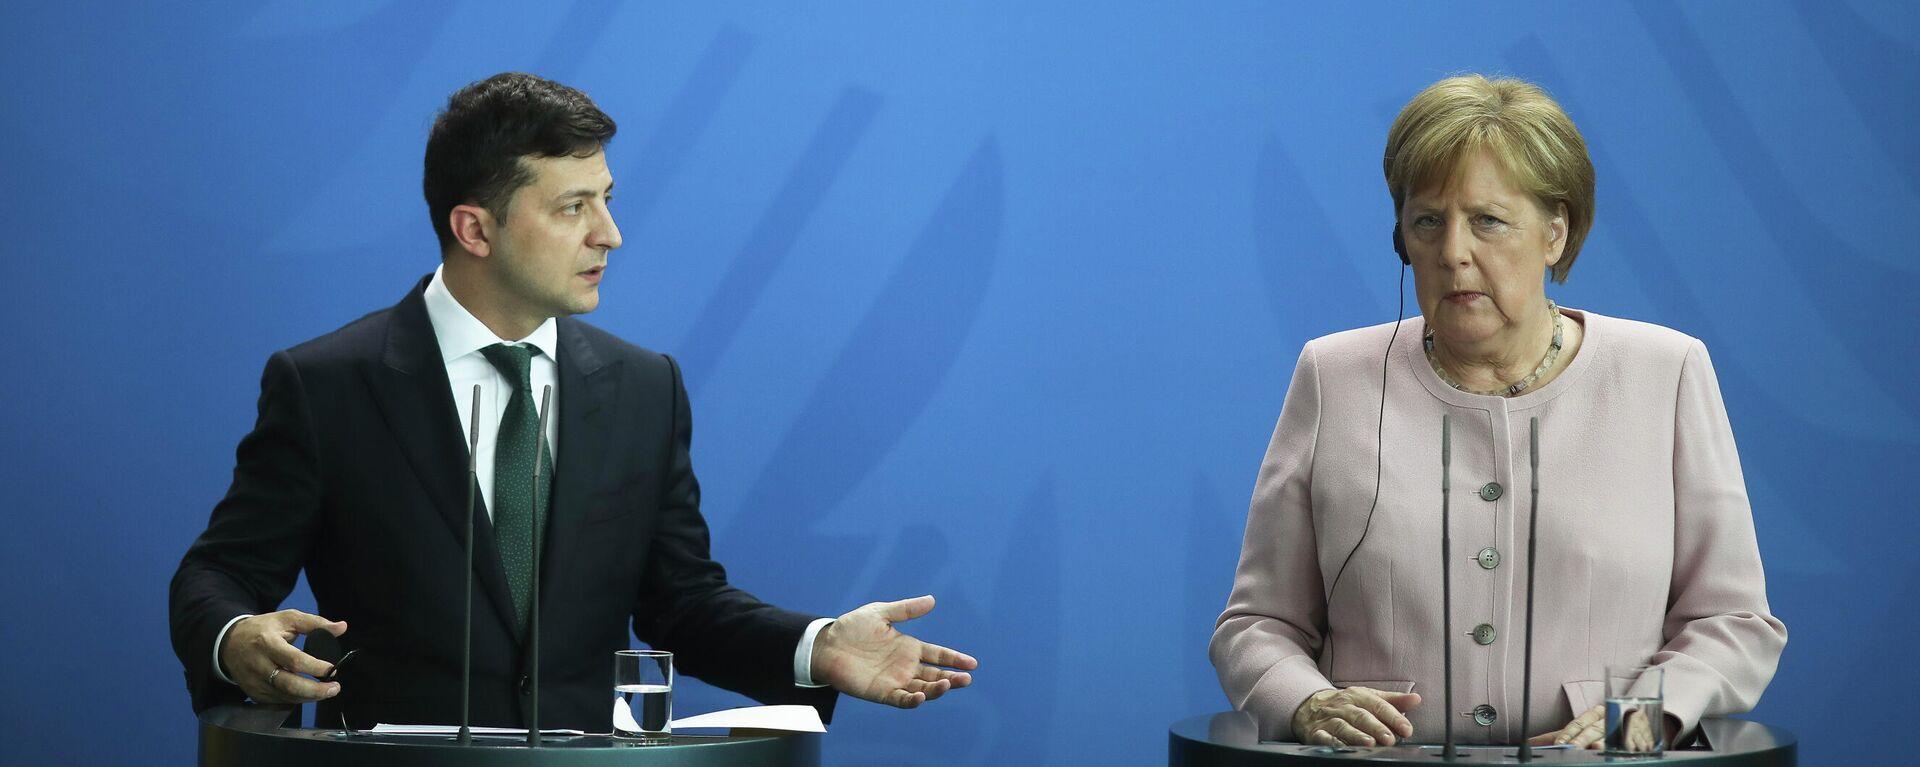 Канцлер Германии Ангела Меркель (справа) и президент Украины Владимир Зеленский (слева)  - Sputnik Таджикистан, 1920, 13.07.2021